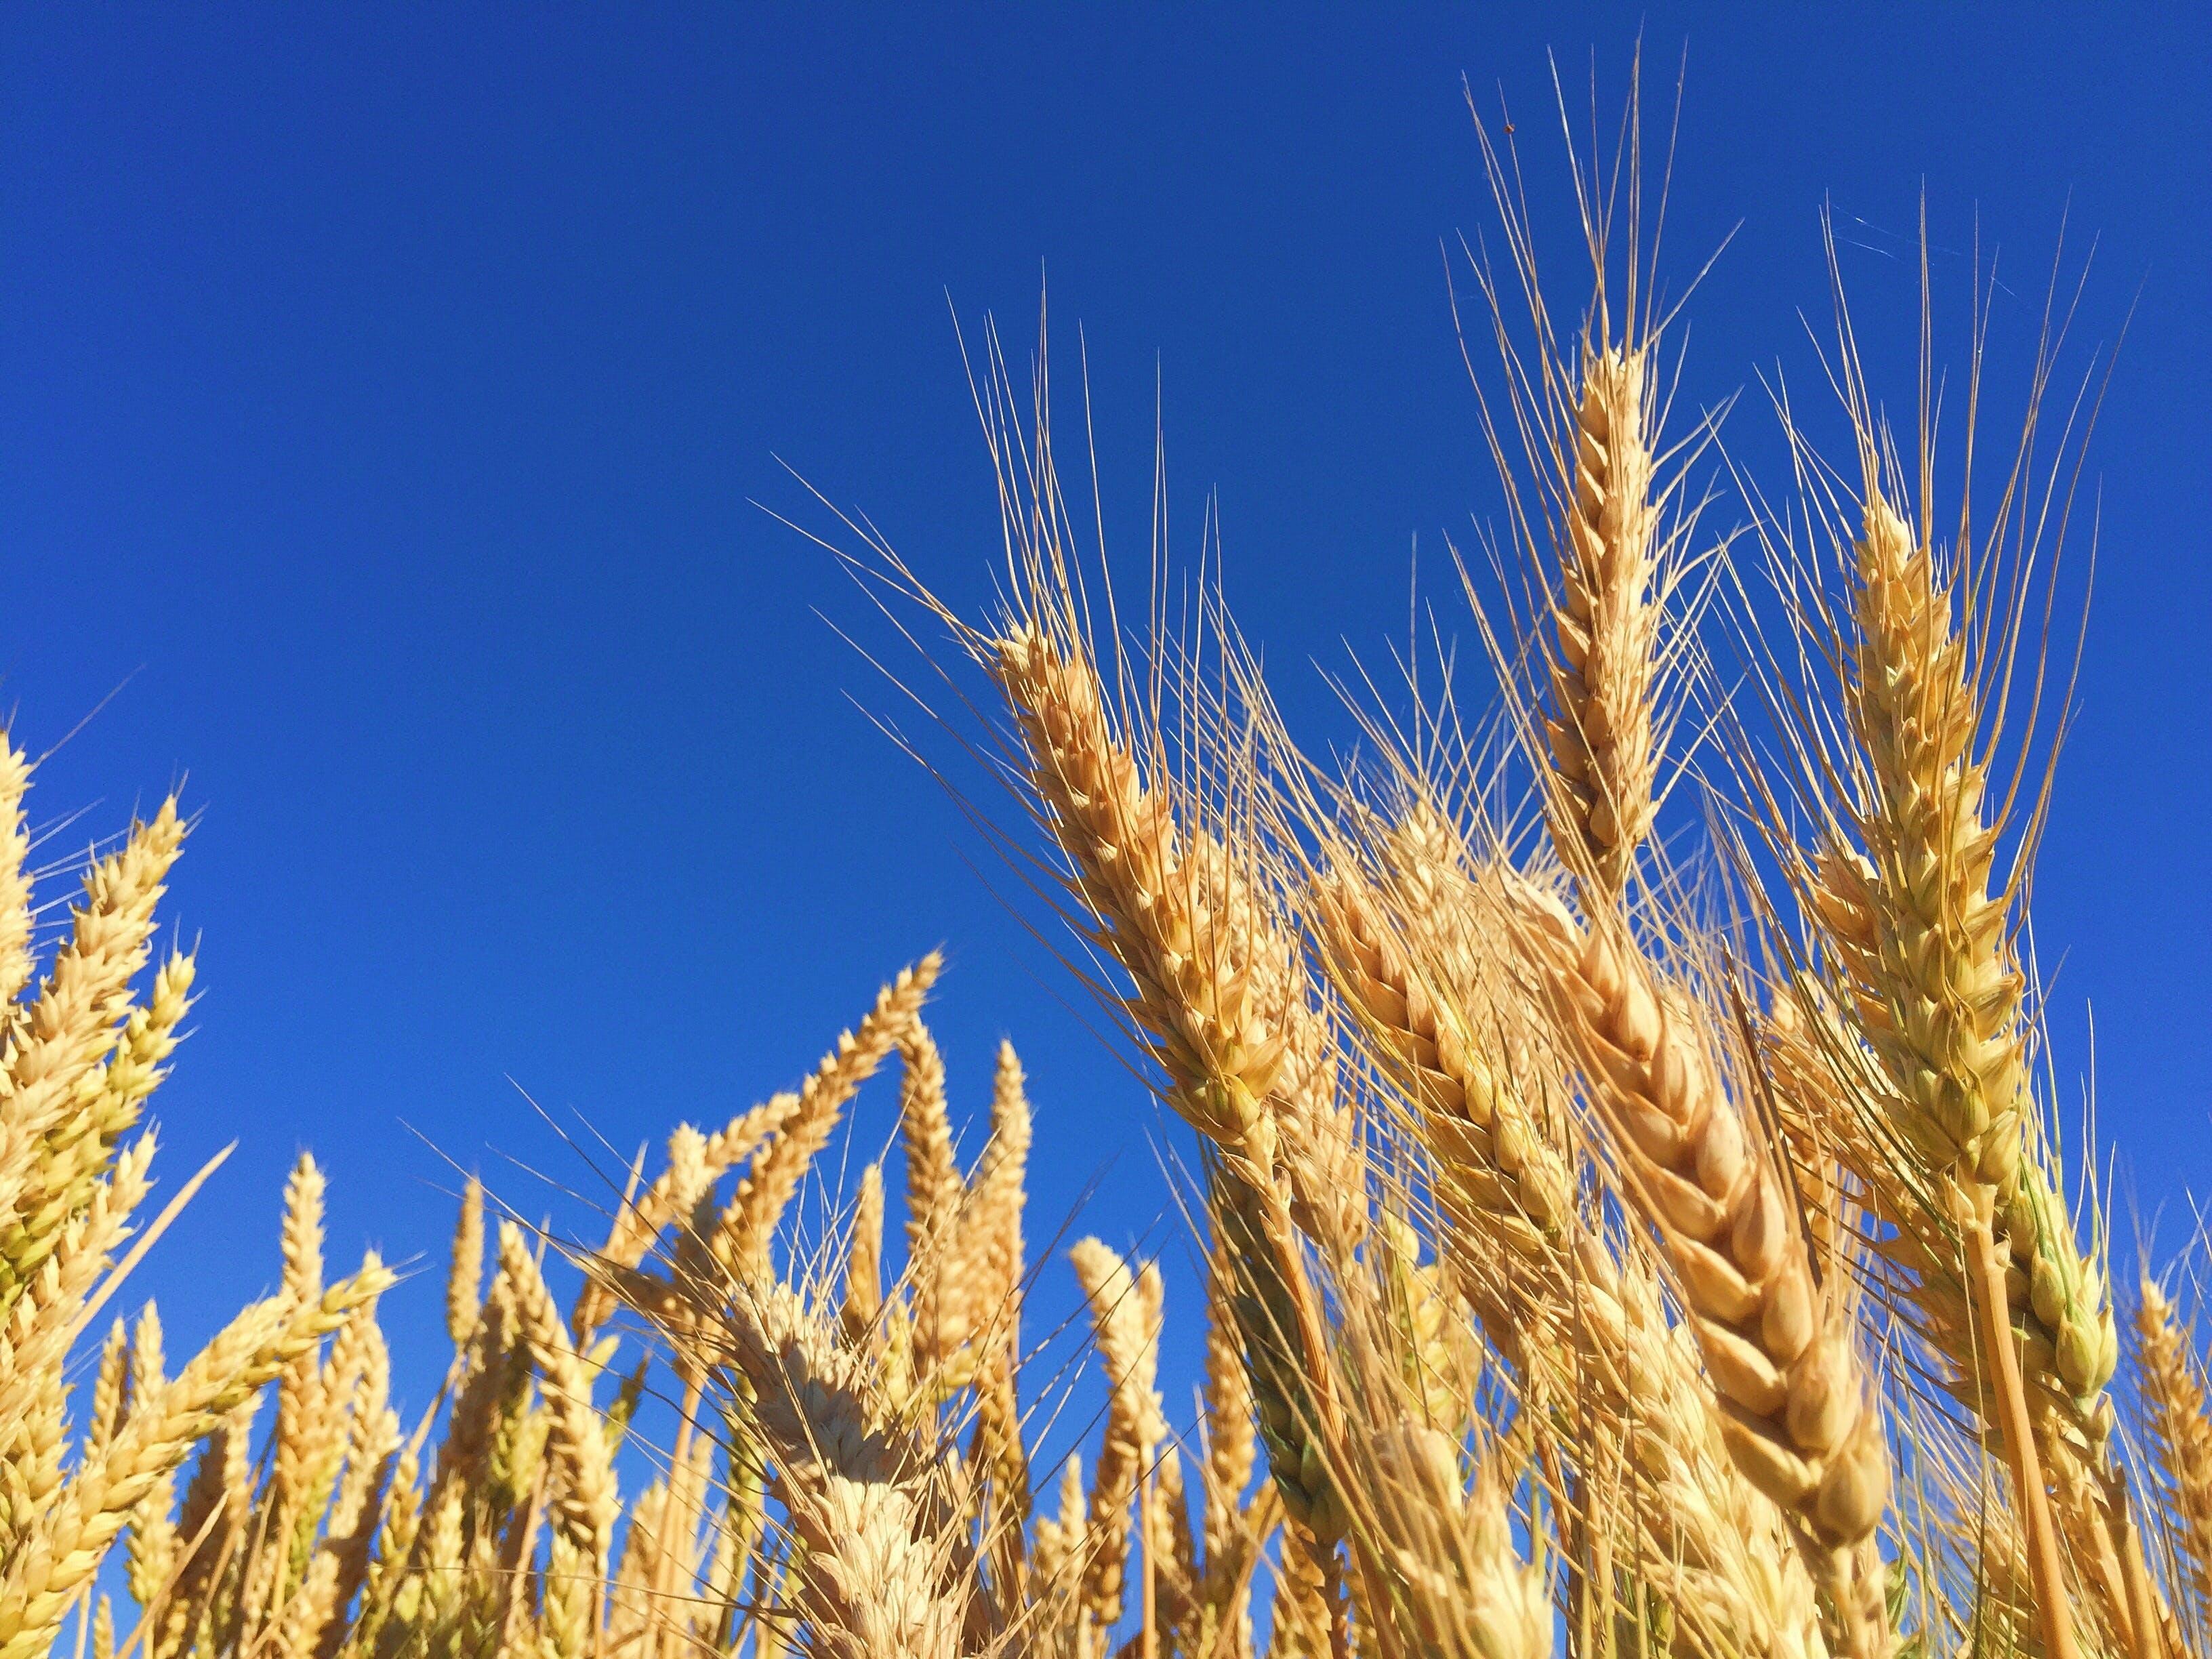 Free stock photo of healthy, nature, sky, farm